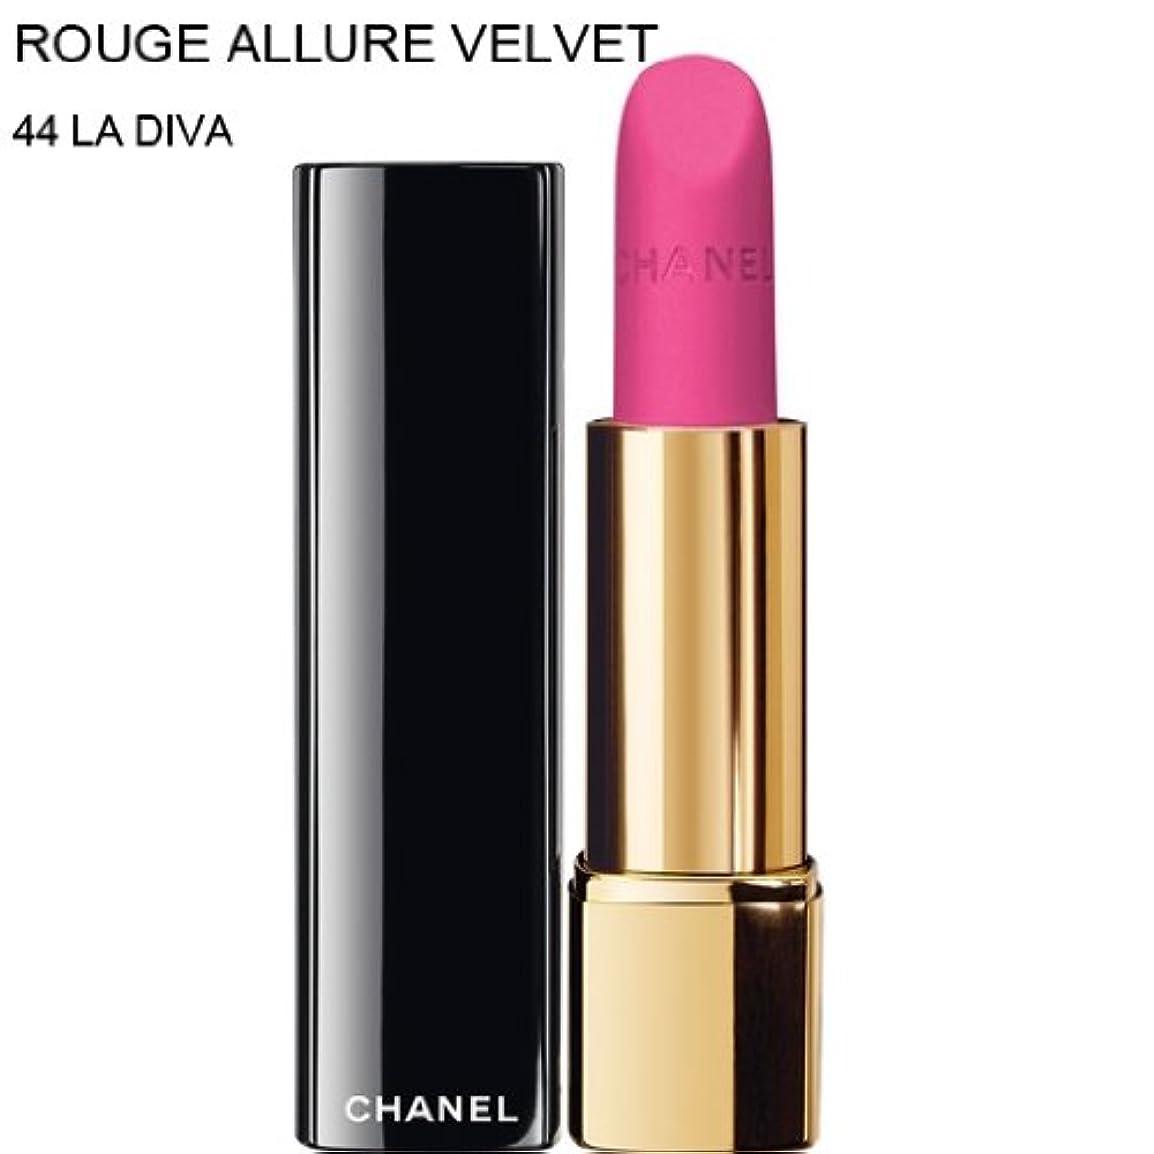 湿度タンザニア石炭CHANEL-Lipstick ROUGE ALLURE VELVET (44 LA DIVA)